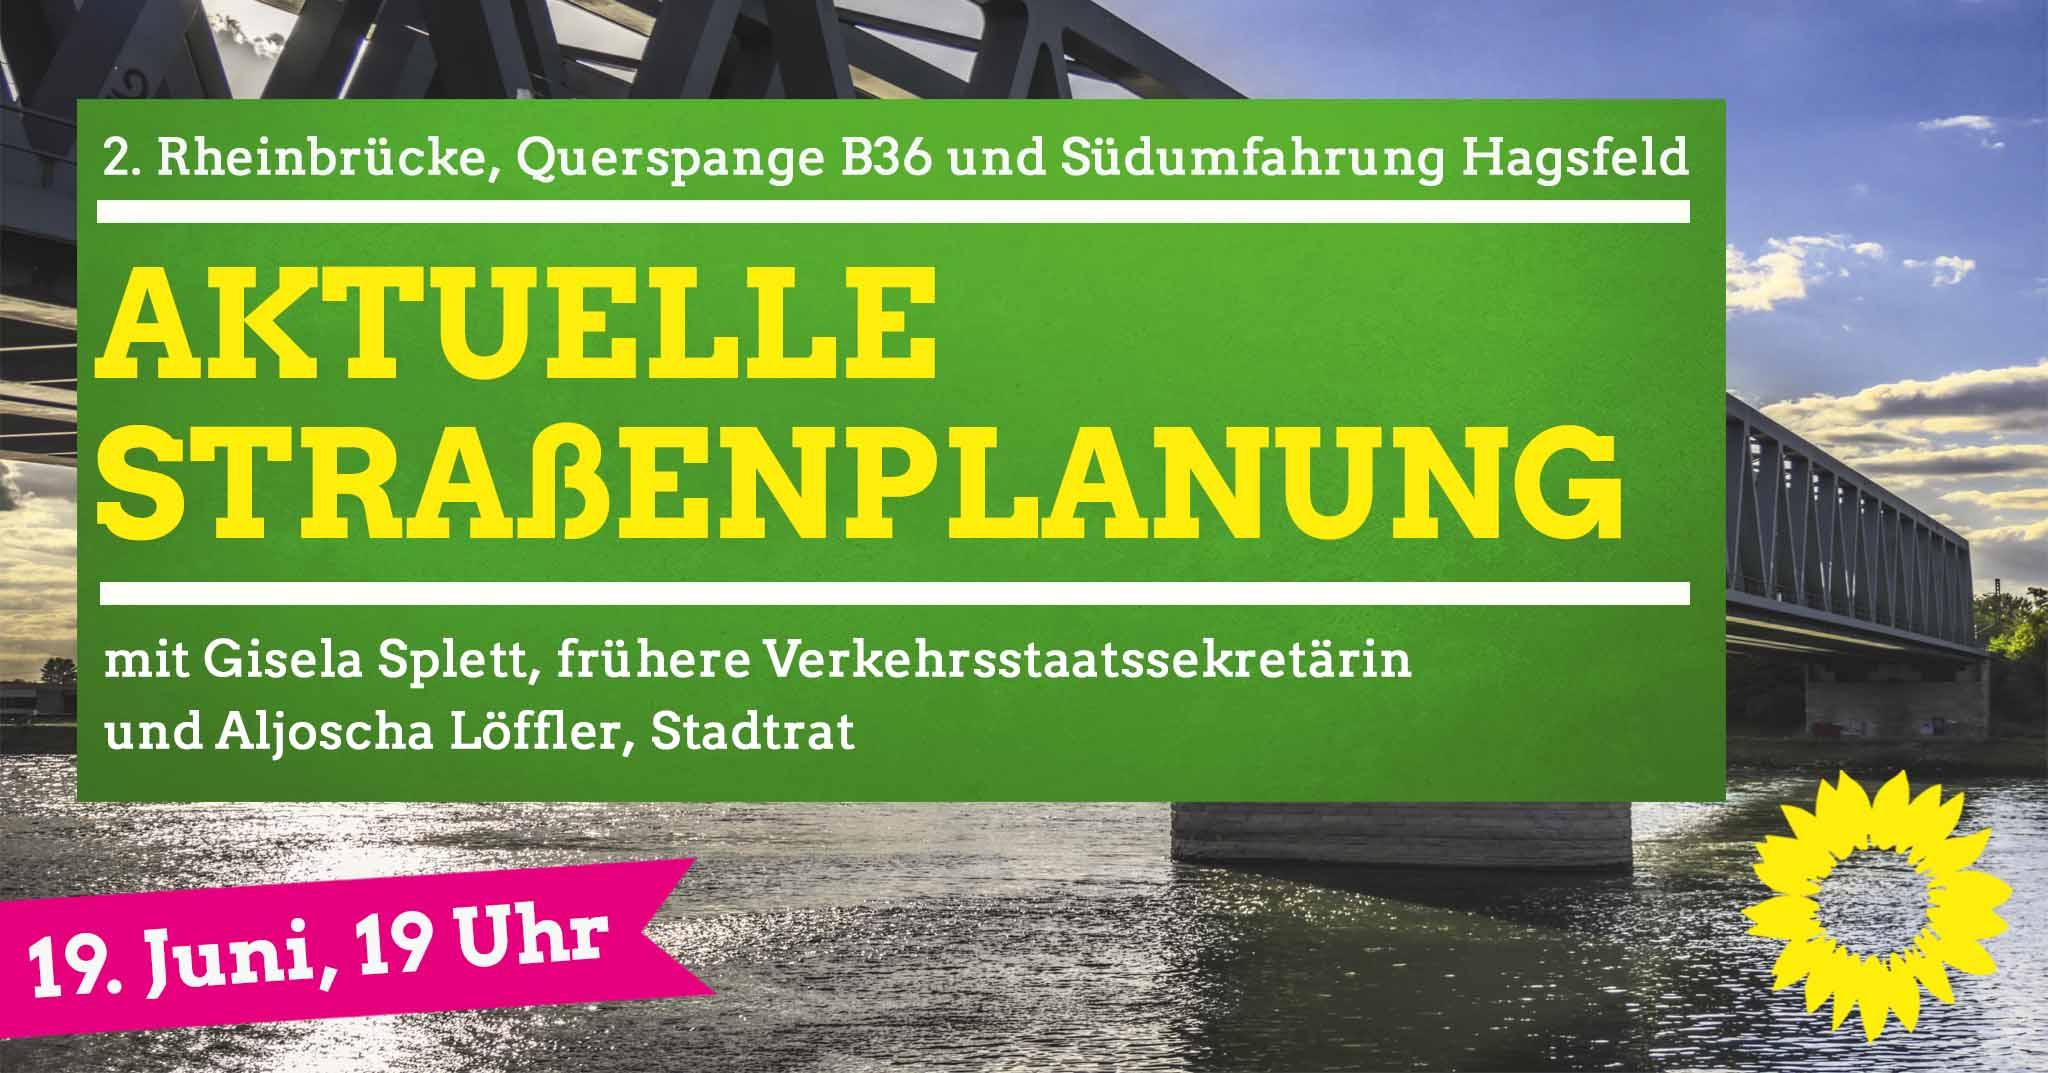 2. Rheinbrücke, Querspange B36 und Südumfahrung Hagsfeld – aktuelle Straßenplanung in Karlsruhe